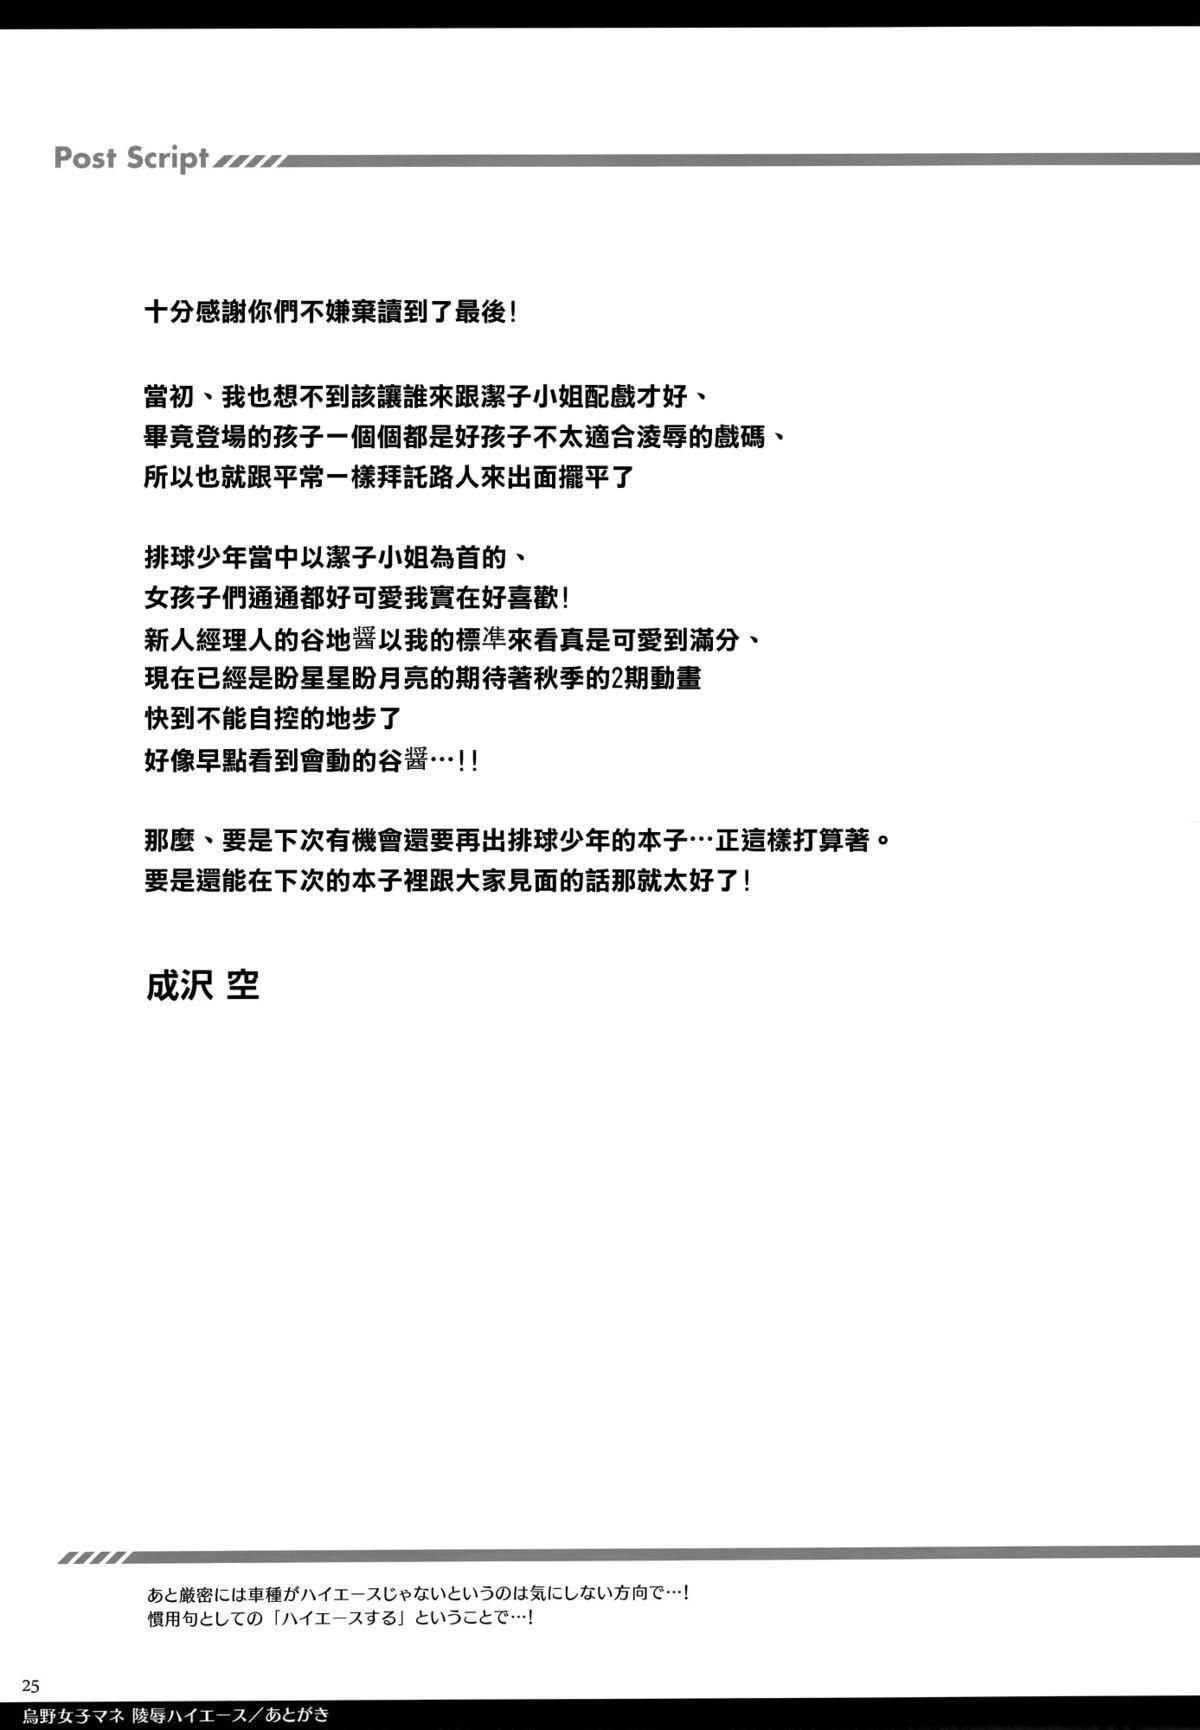 Karasuno JoshiMane Ryoujoku High Ace 24